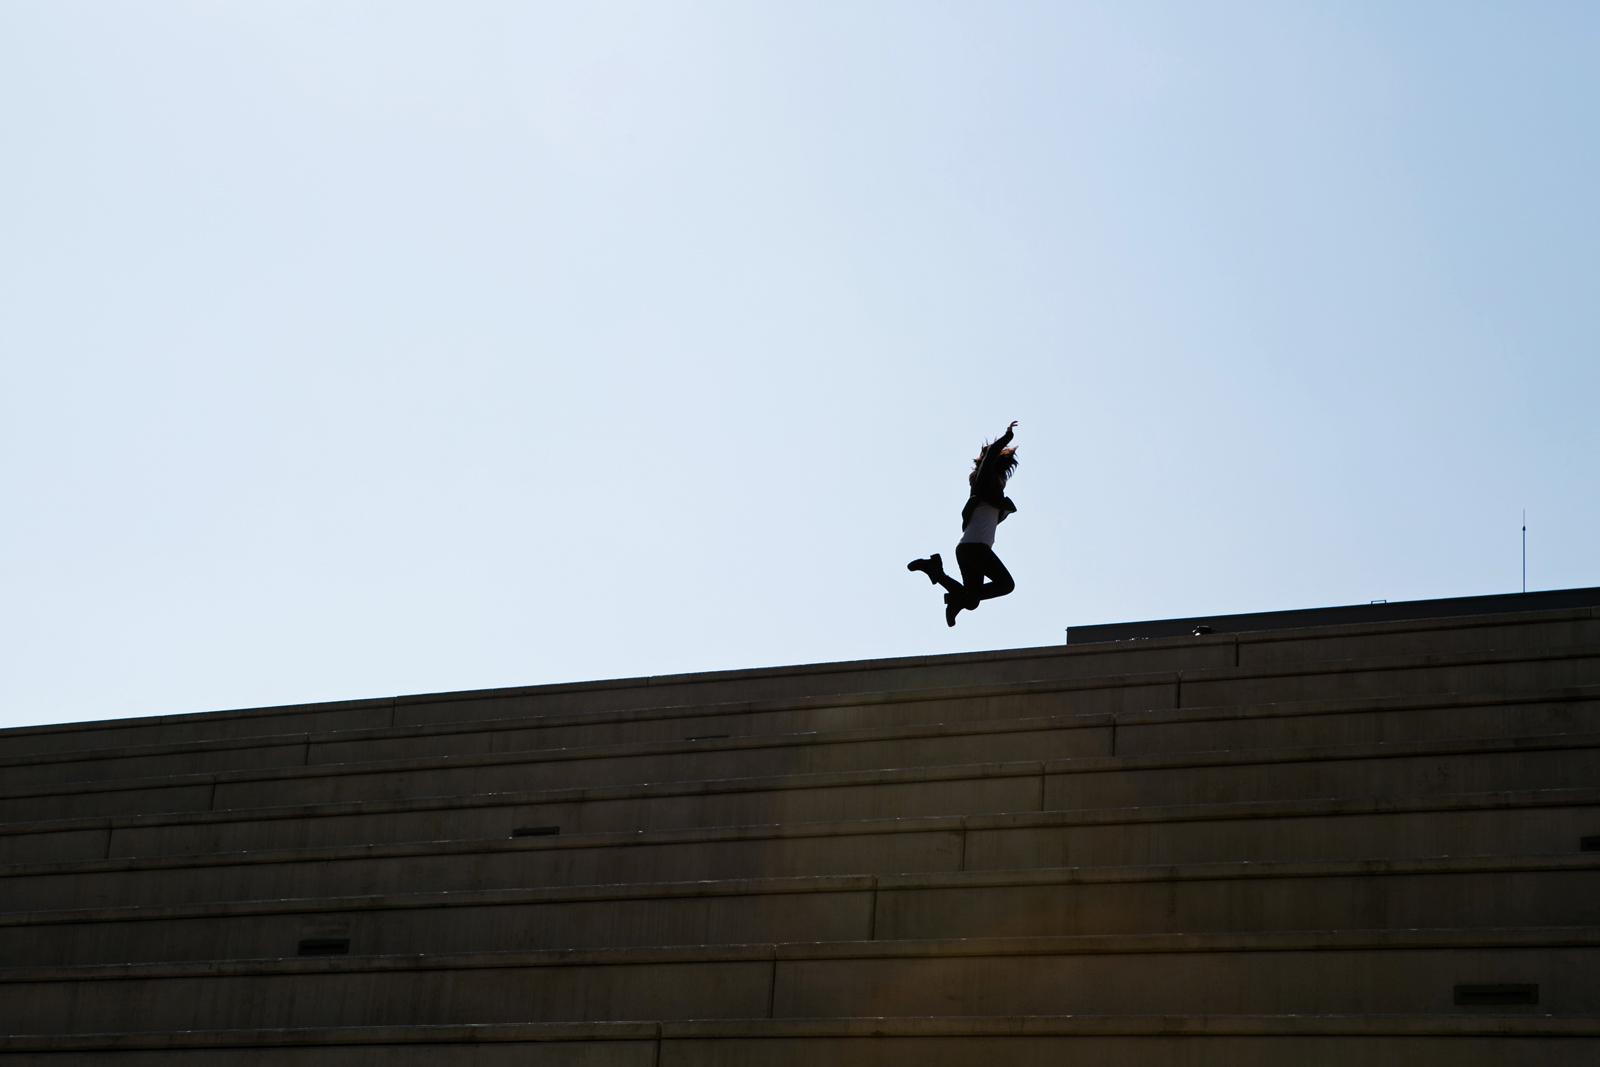 El clásico salto